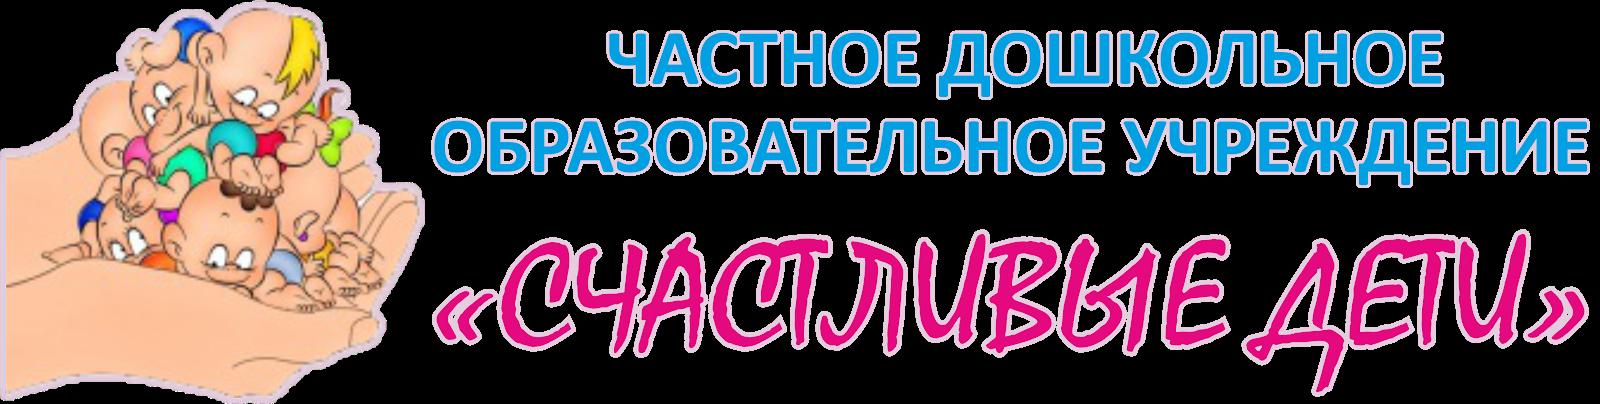 """ЧДОУ """"Счастливые дети"""" г. Владикавказ - Частное учреждение дополнительного образования - детский сад"""